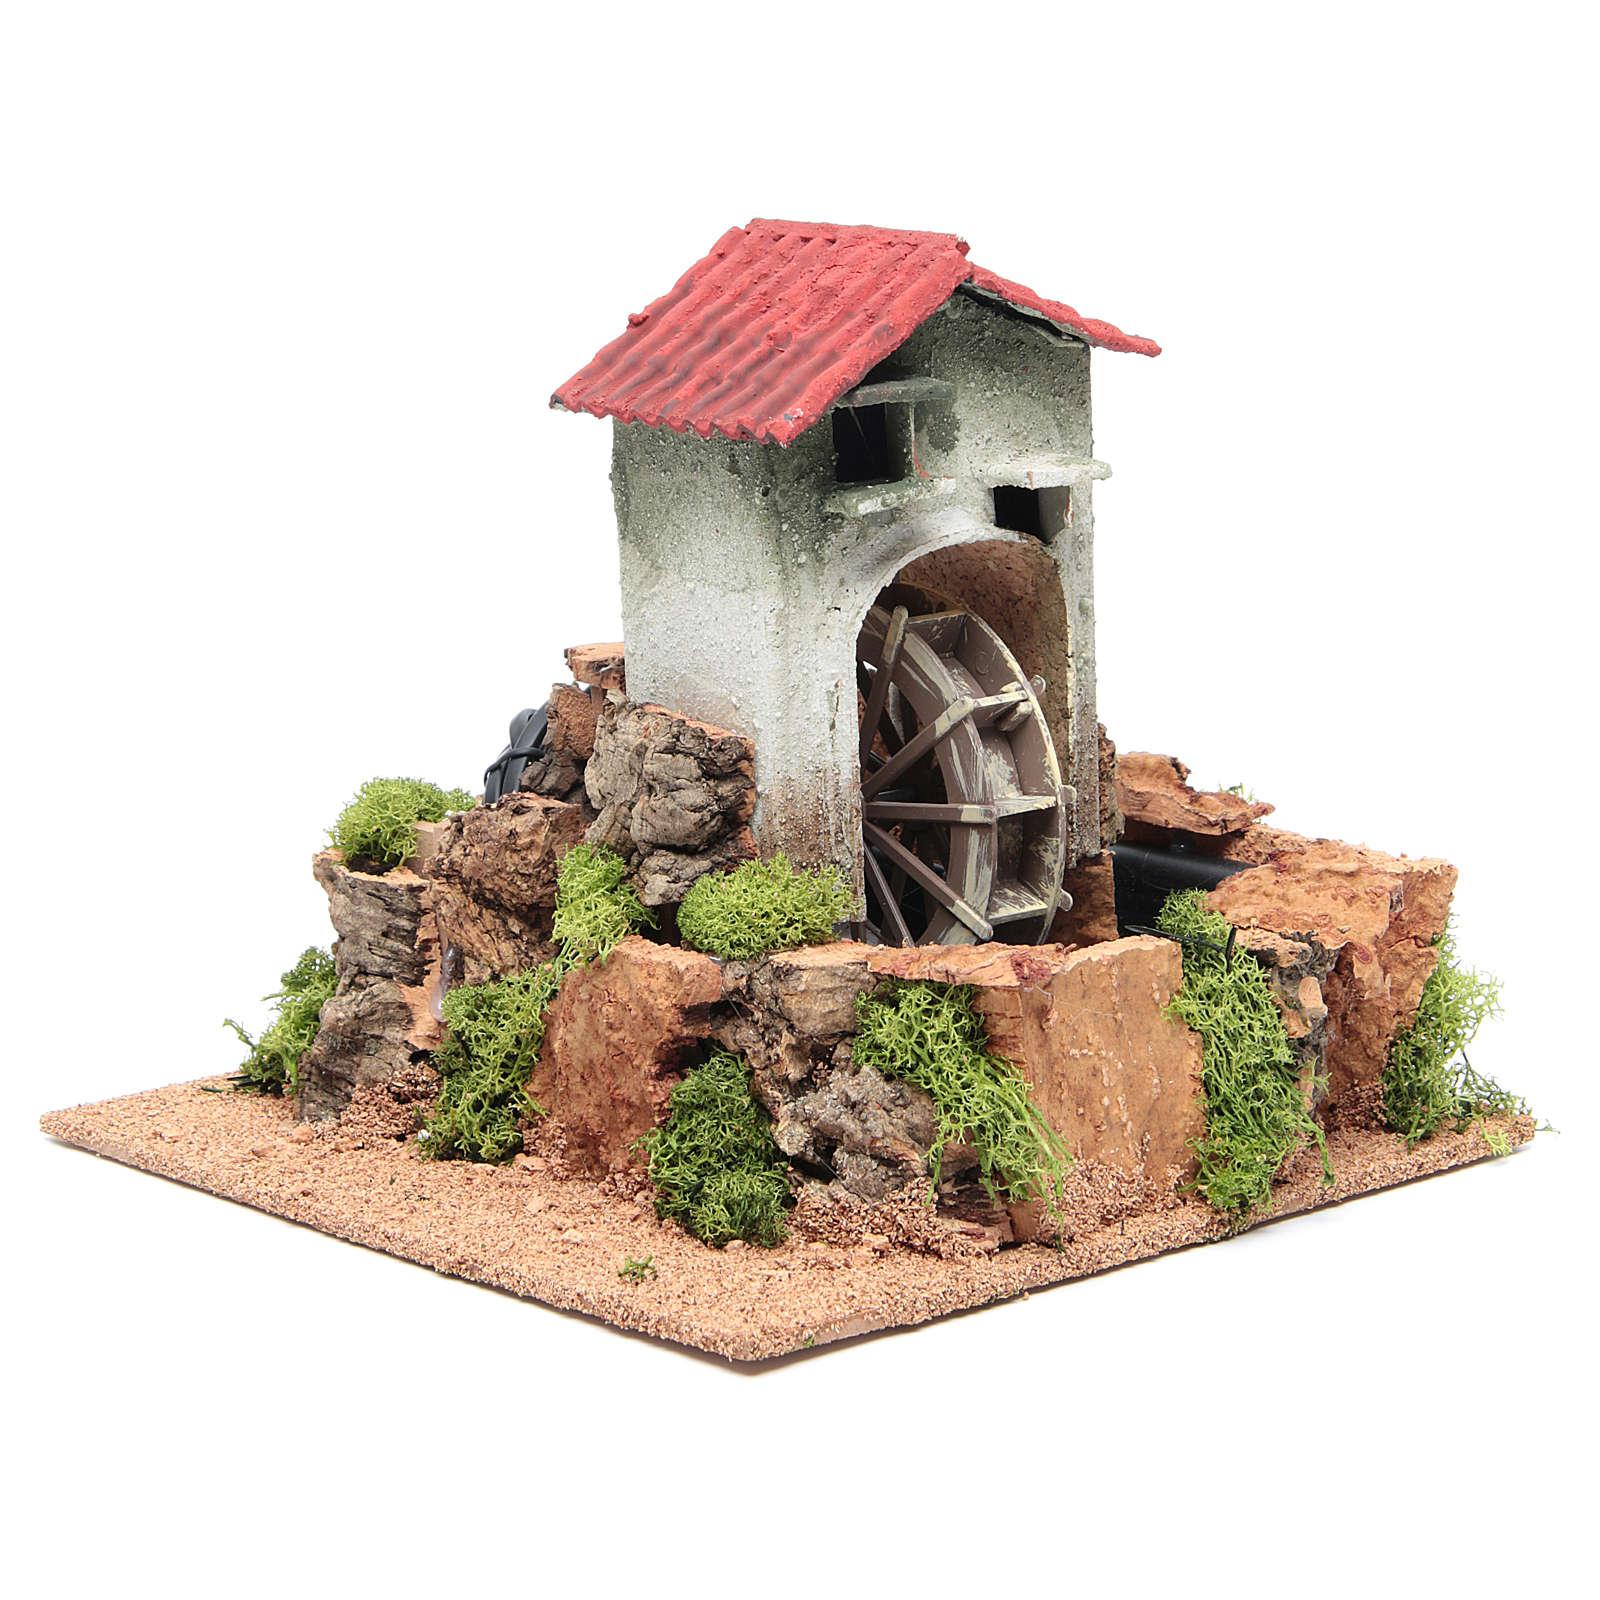 Moulin à eau crèche 23x25x25 cm 4